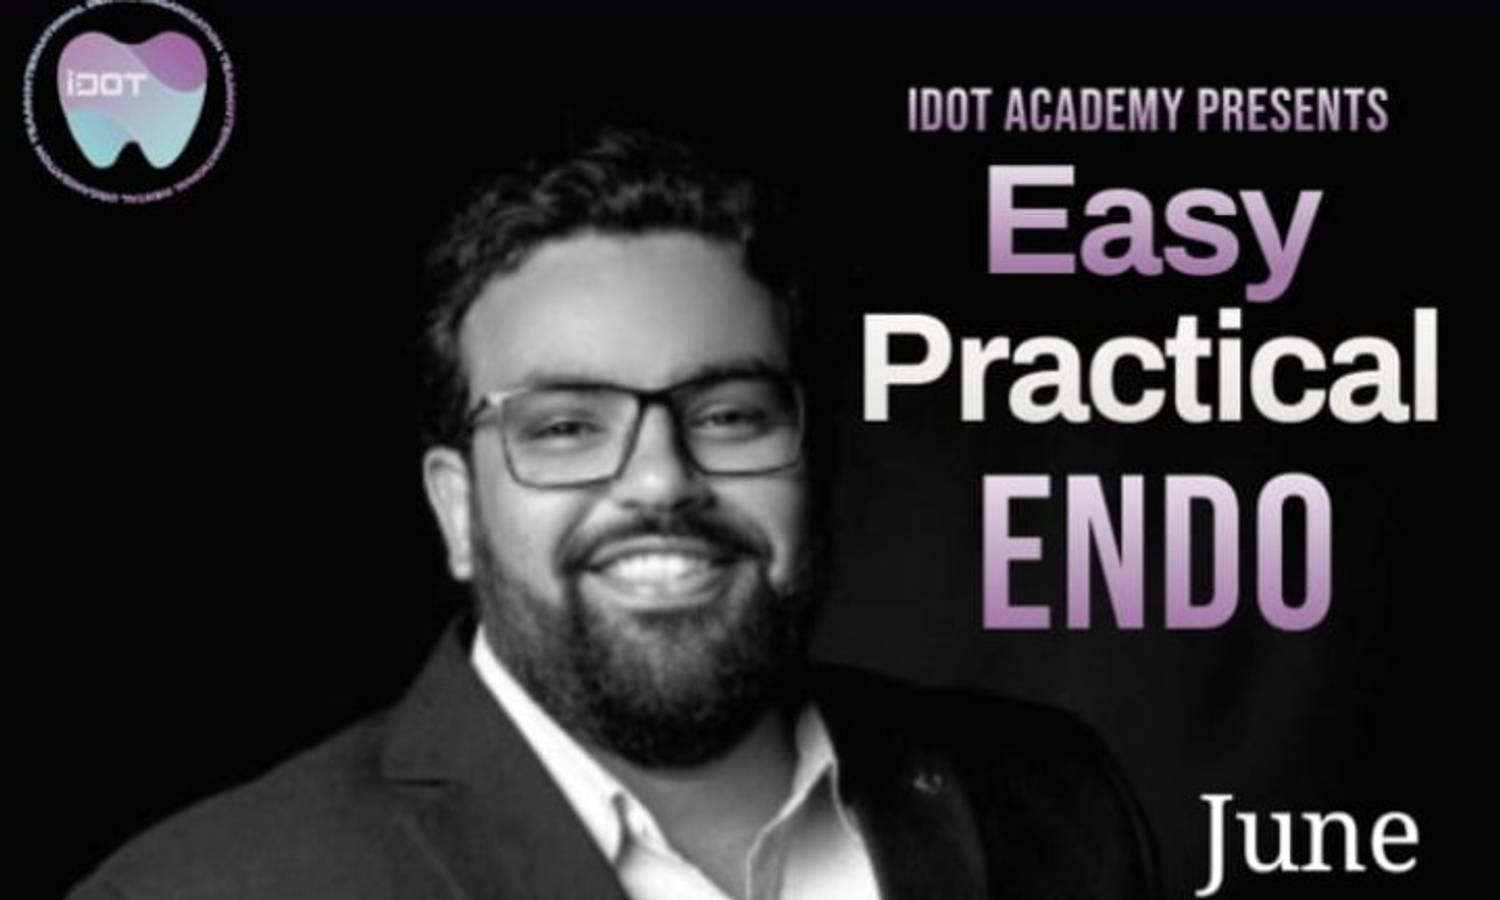 EASY PRACTICAL ENDO